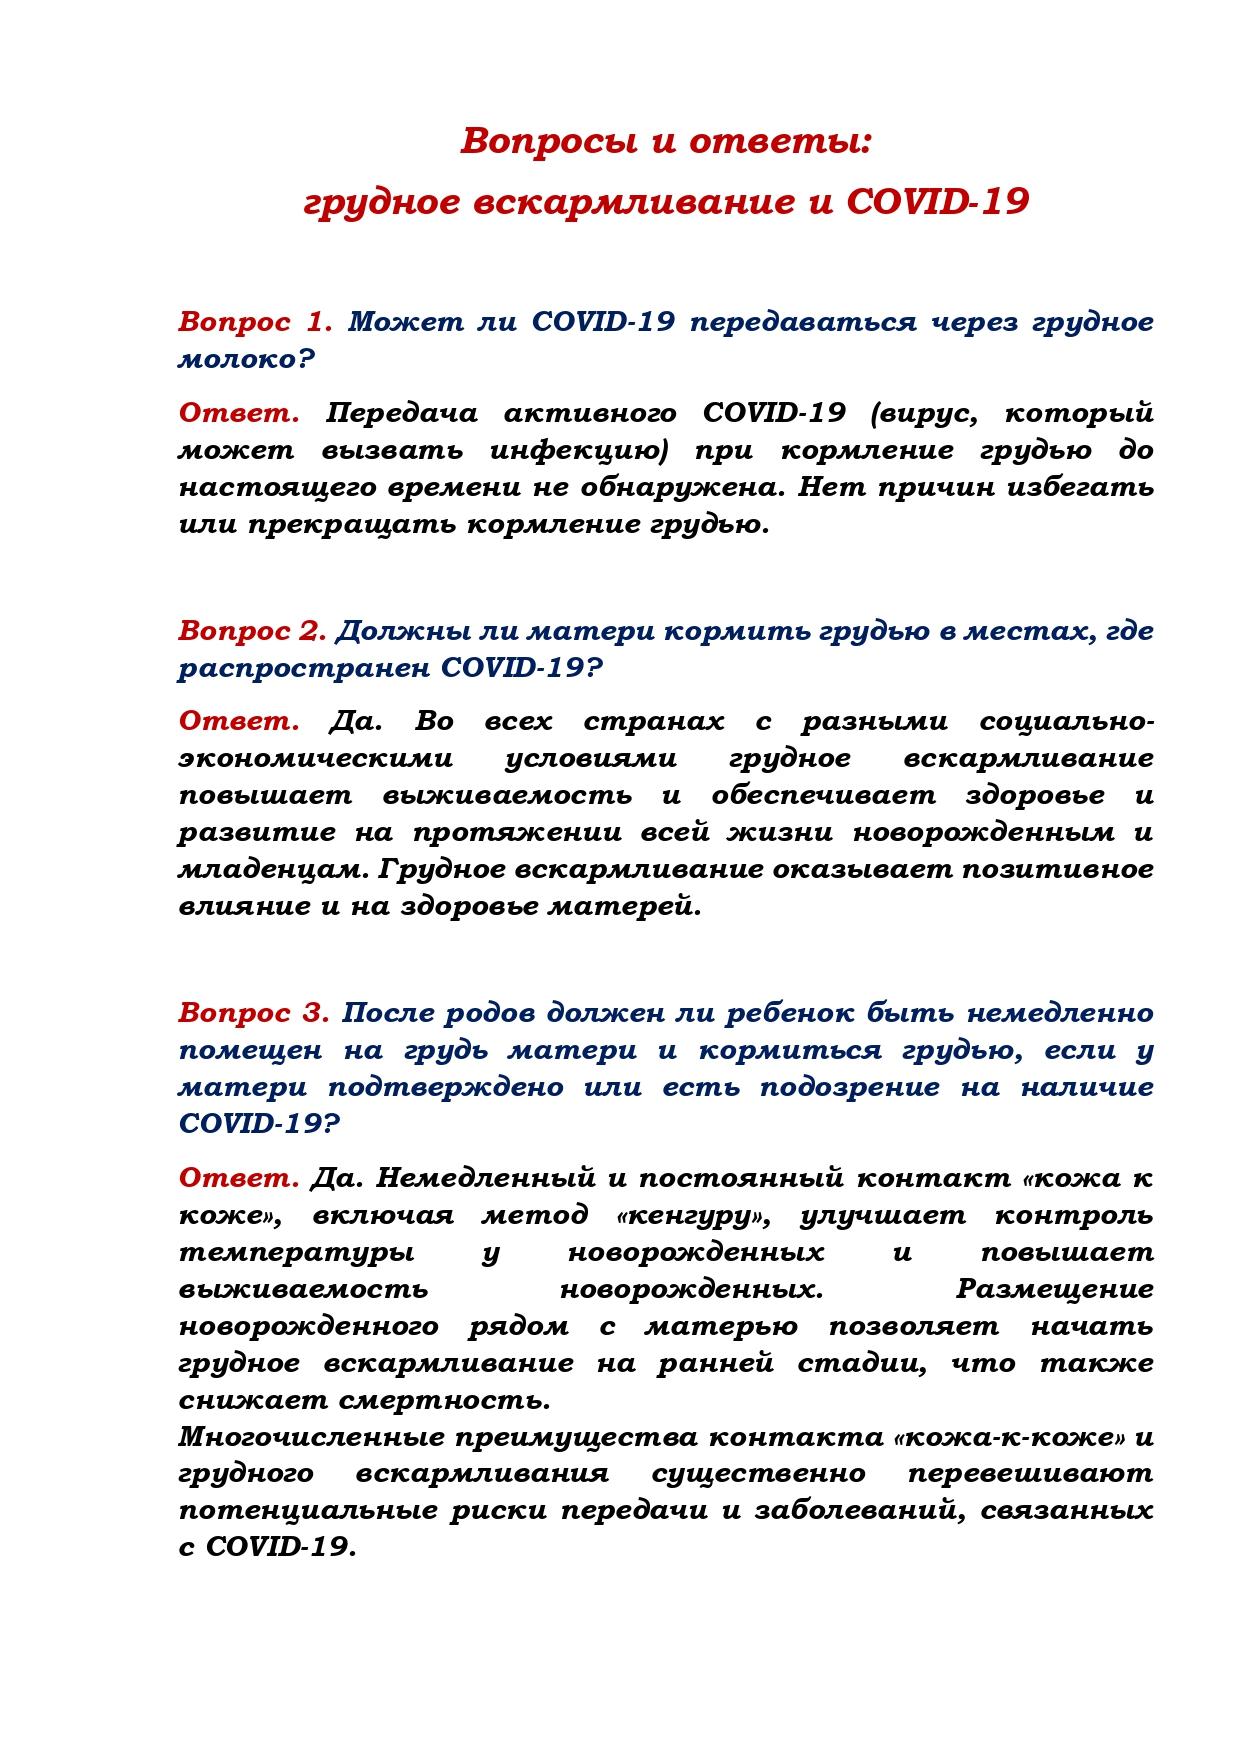 Памятка-Вопросы-и-ответы-Груднок-вскармливание-и-Covid-19_page-0001